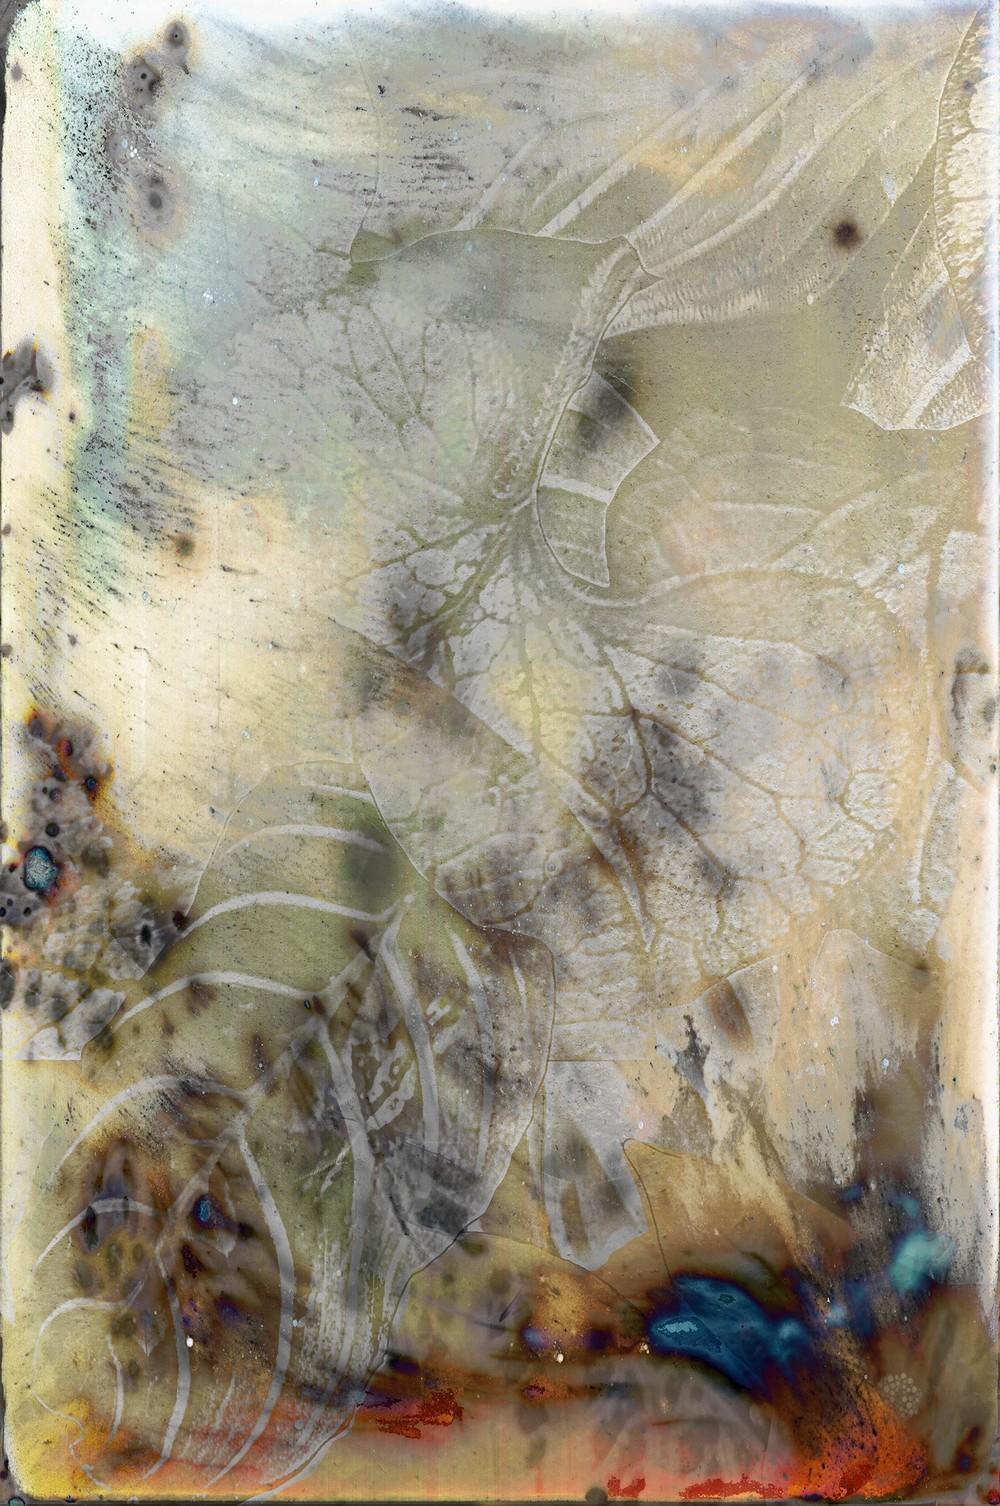 lhotka-bonny-forest-floor-pigment-on-aluminum-60x40.jpg